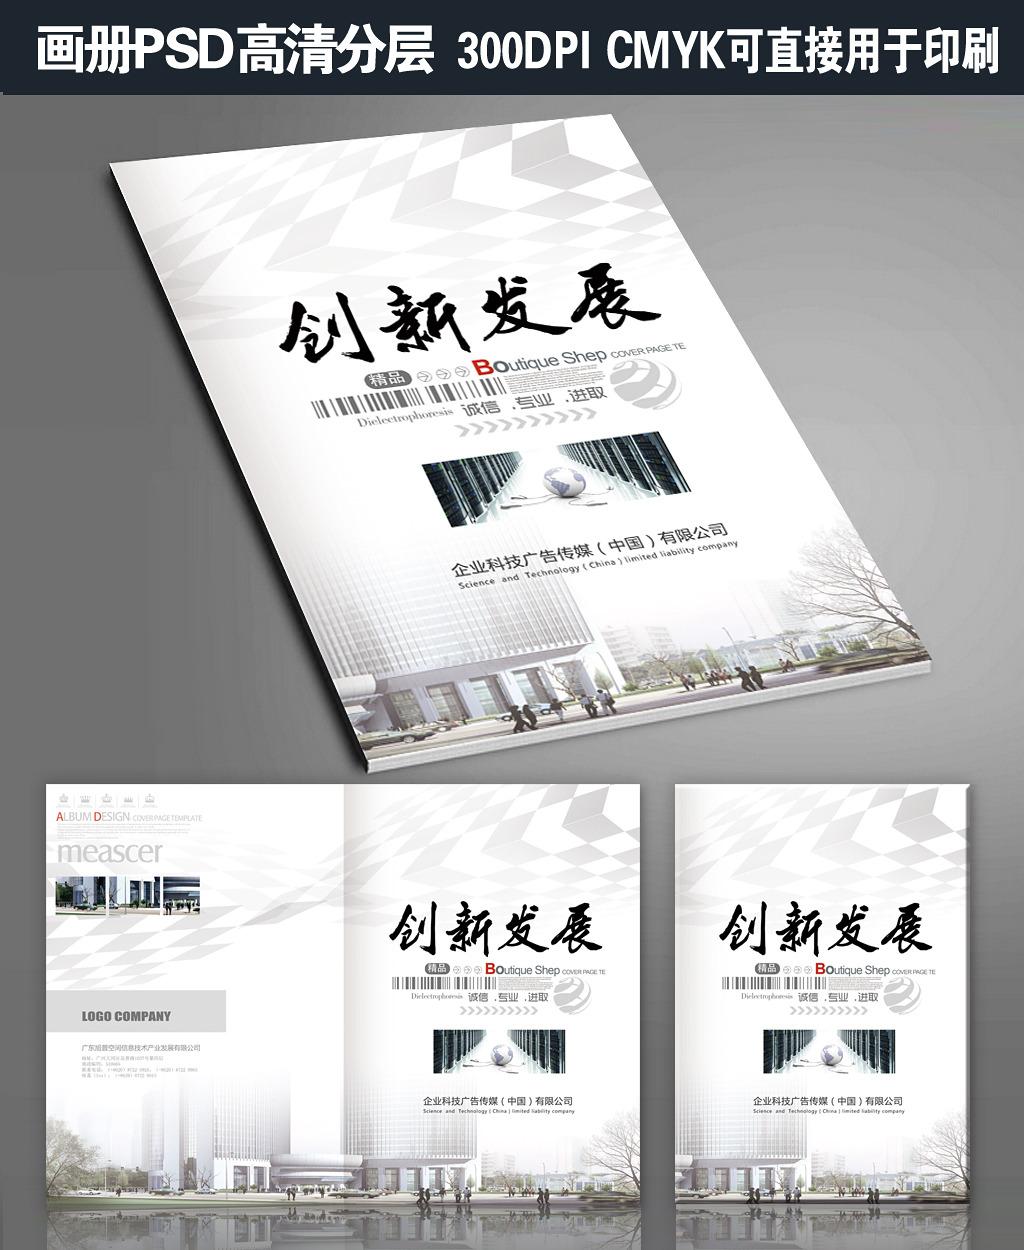 画册设计 2015 画册模板 封面设计 建筑画册 科技画册 共赢天下 商务图片